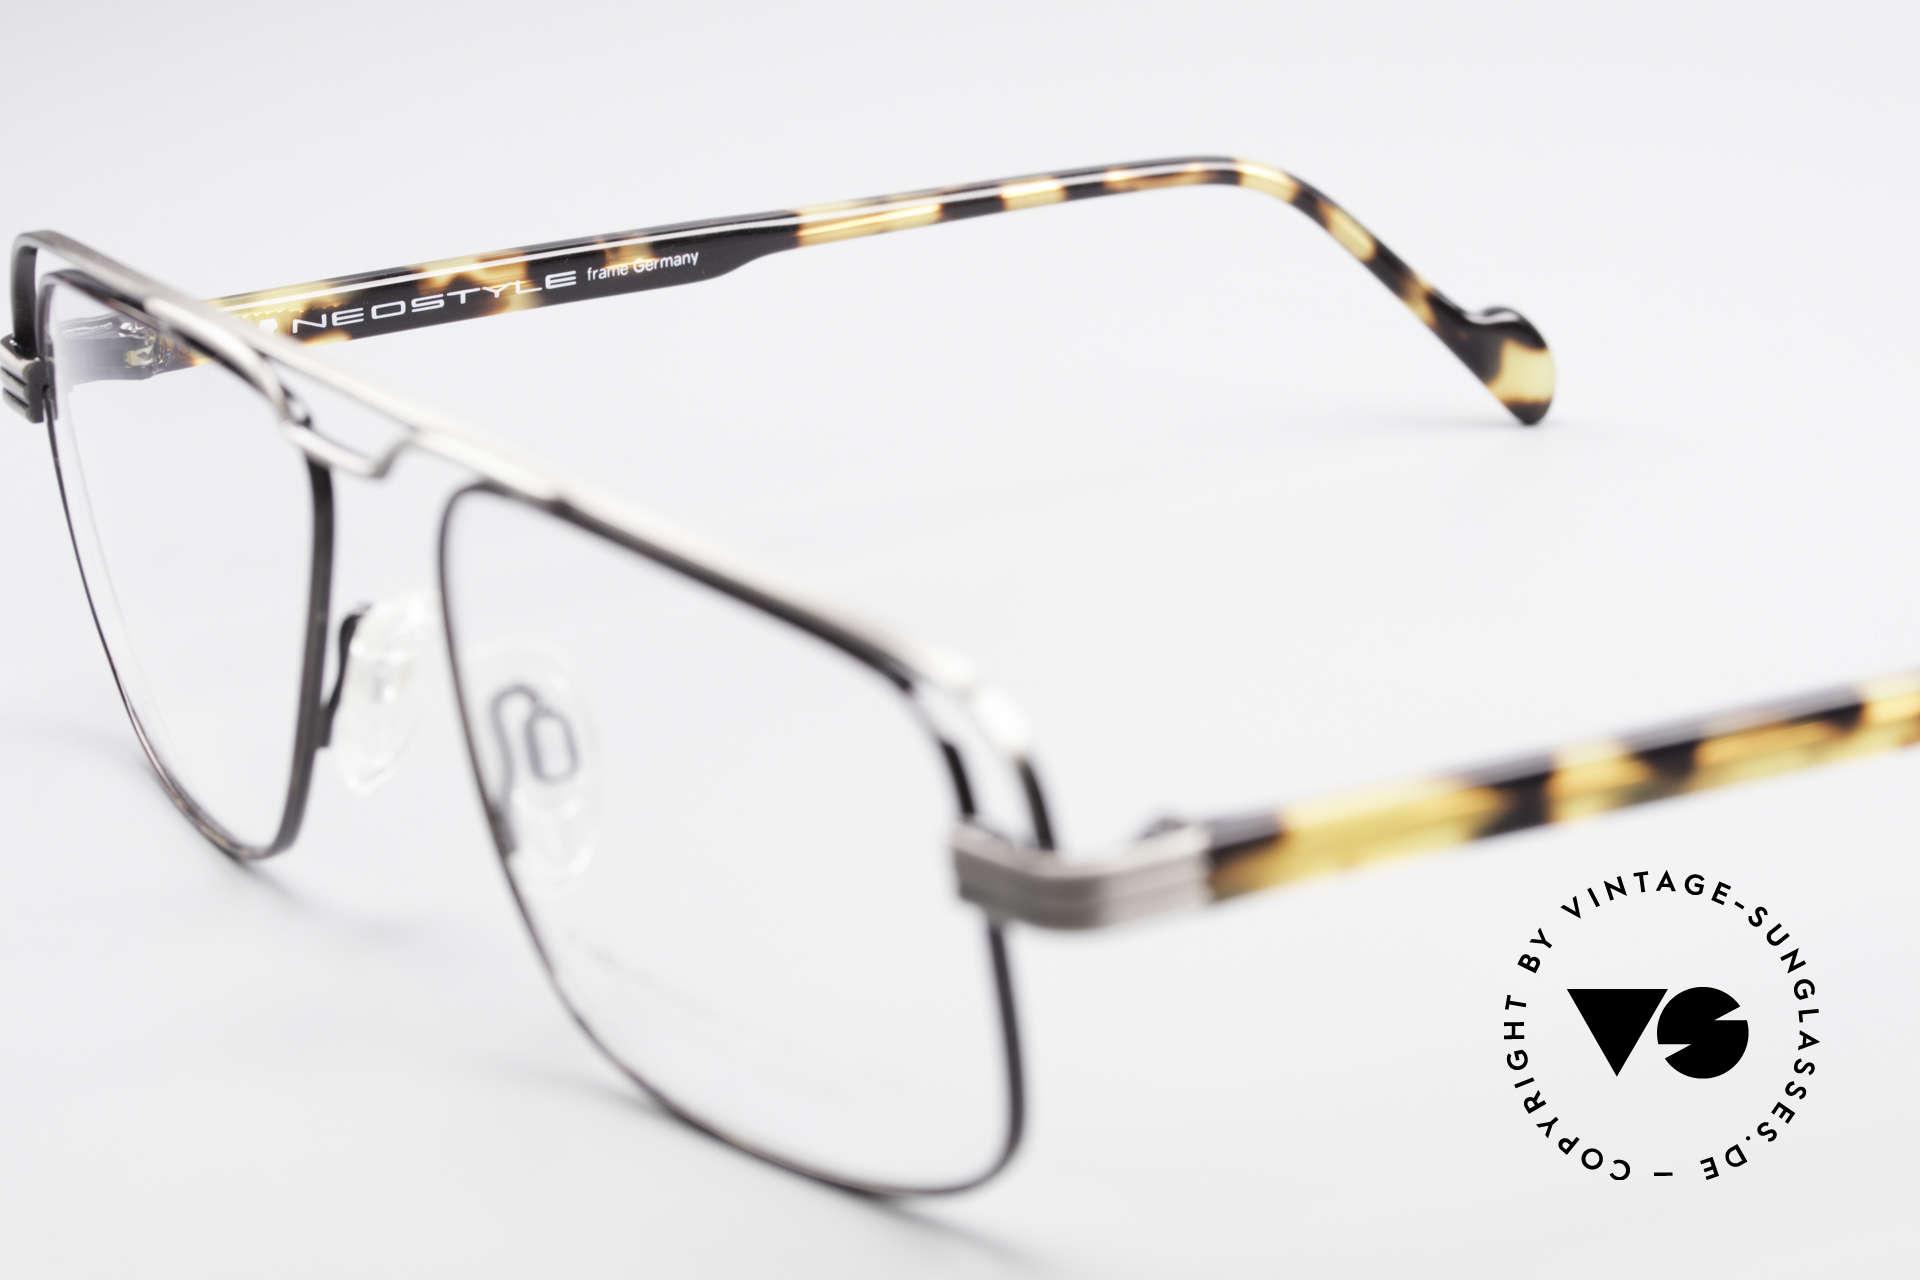 Neostyle Jet 230 80er Vintage No Retro Brille, ungetragen (wie alle unsere vintage Neostyle Brillen), Passend für Herren